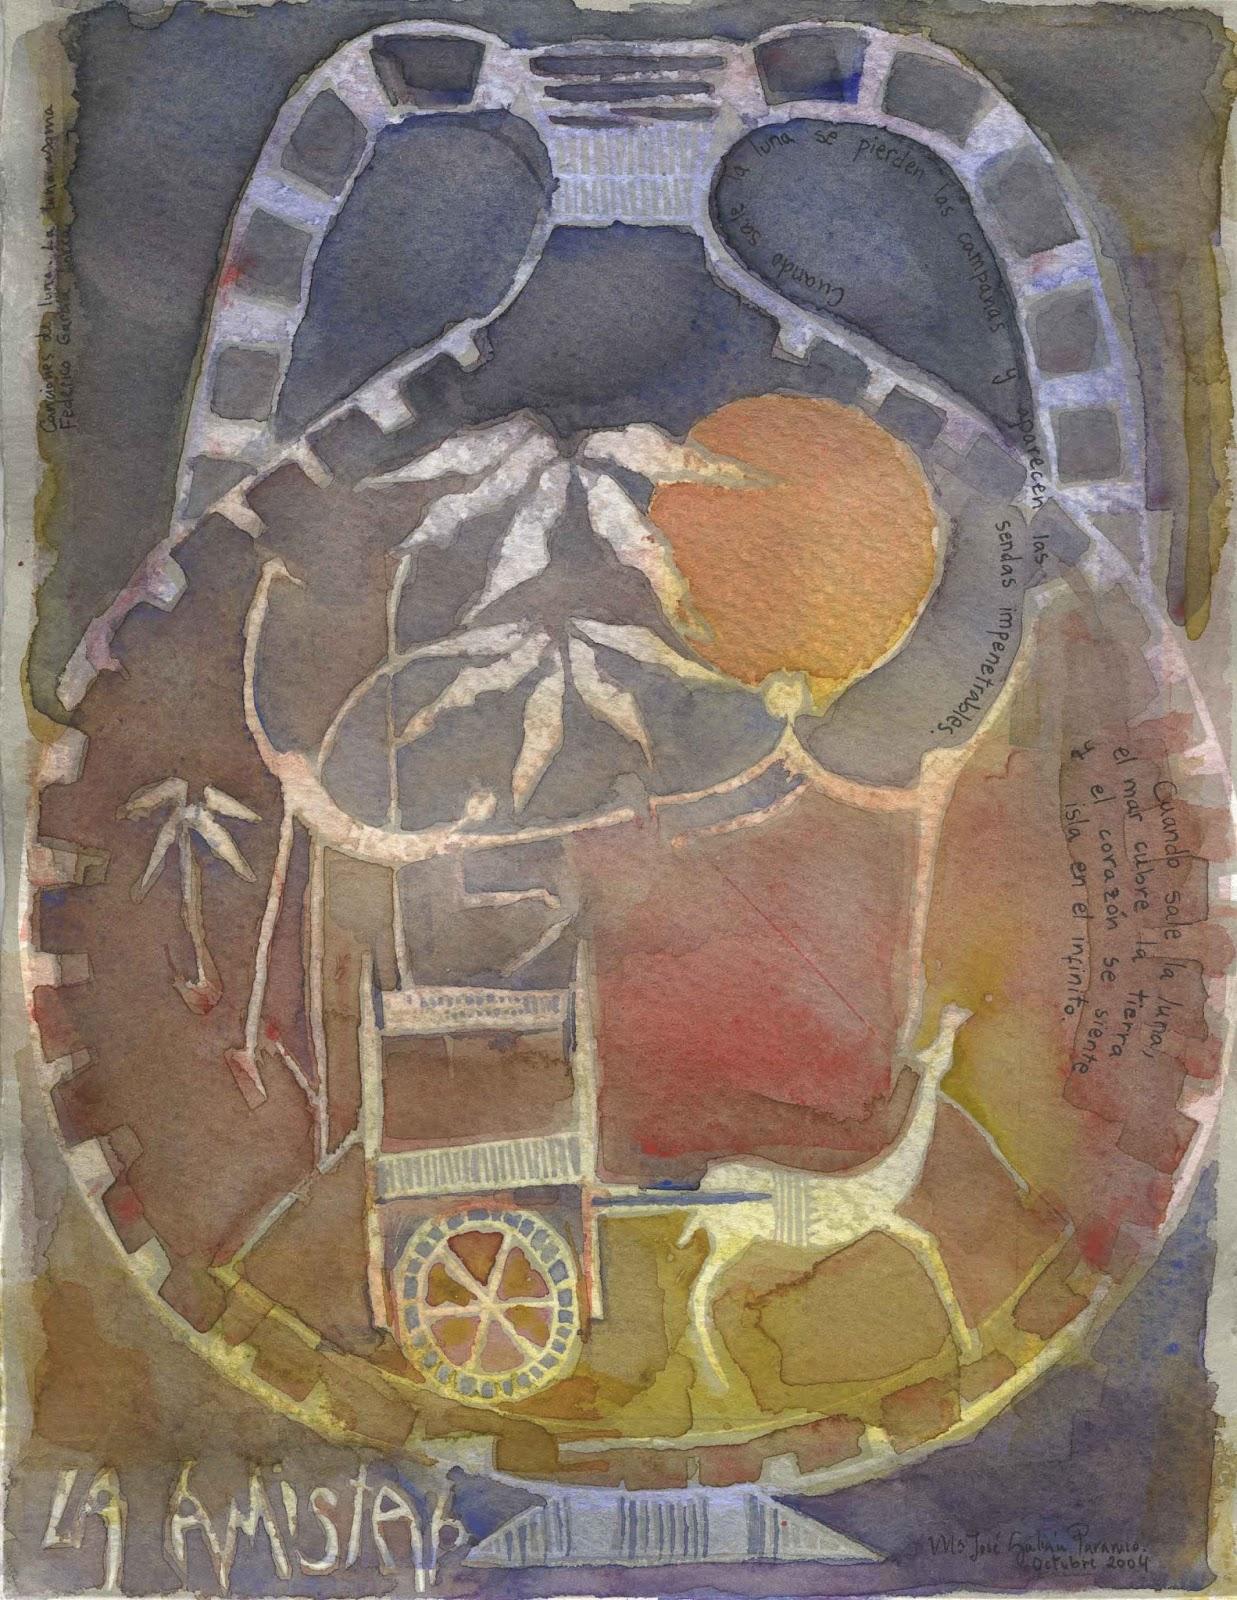 """Este fue uno de los primeros grabados al linóleo que coloreé con acuarelas (con poema dedicado). Ahora su propietario es Luismi, quien lo tiene adormando las paredes de su casa. """"Cuando sale la luna se pierden las campanas y aparecen las sendas impenetrables. Cuando sale la luna el mar cubre la tierra y el corazón se siente isla en el infinito""""."""